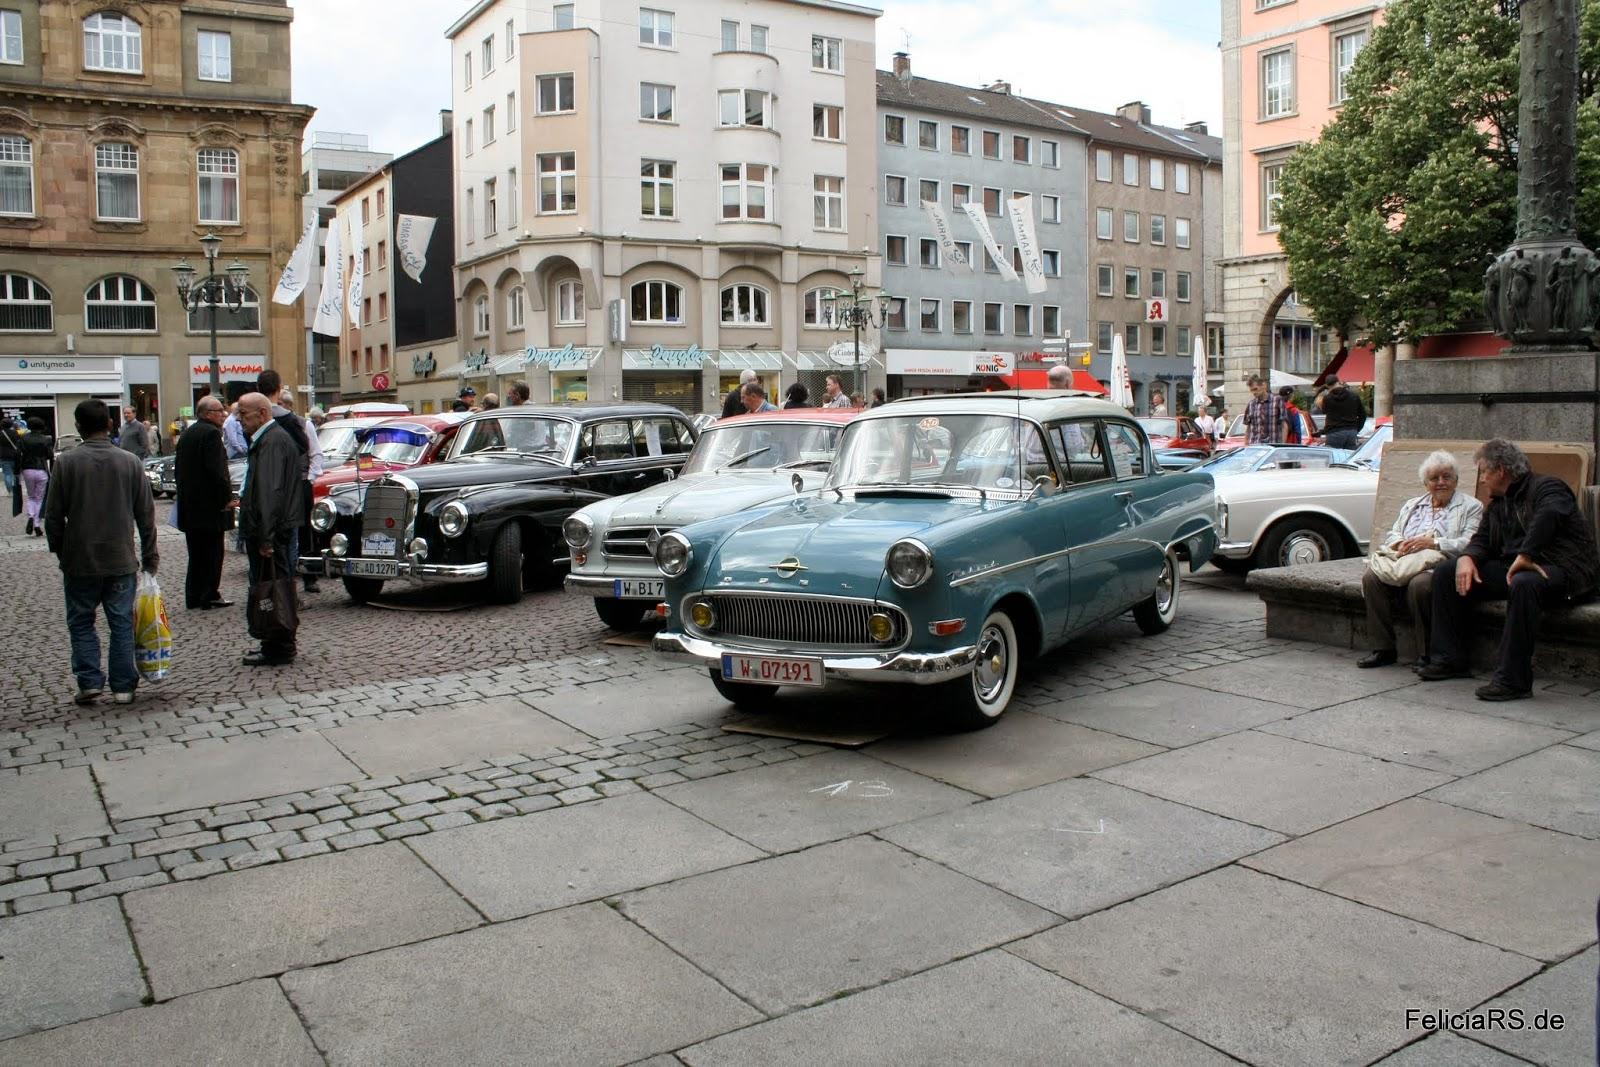 Opel Rekord P1 1960